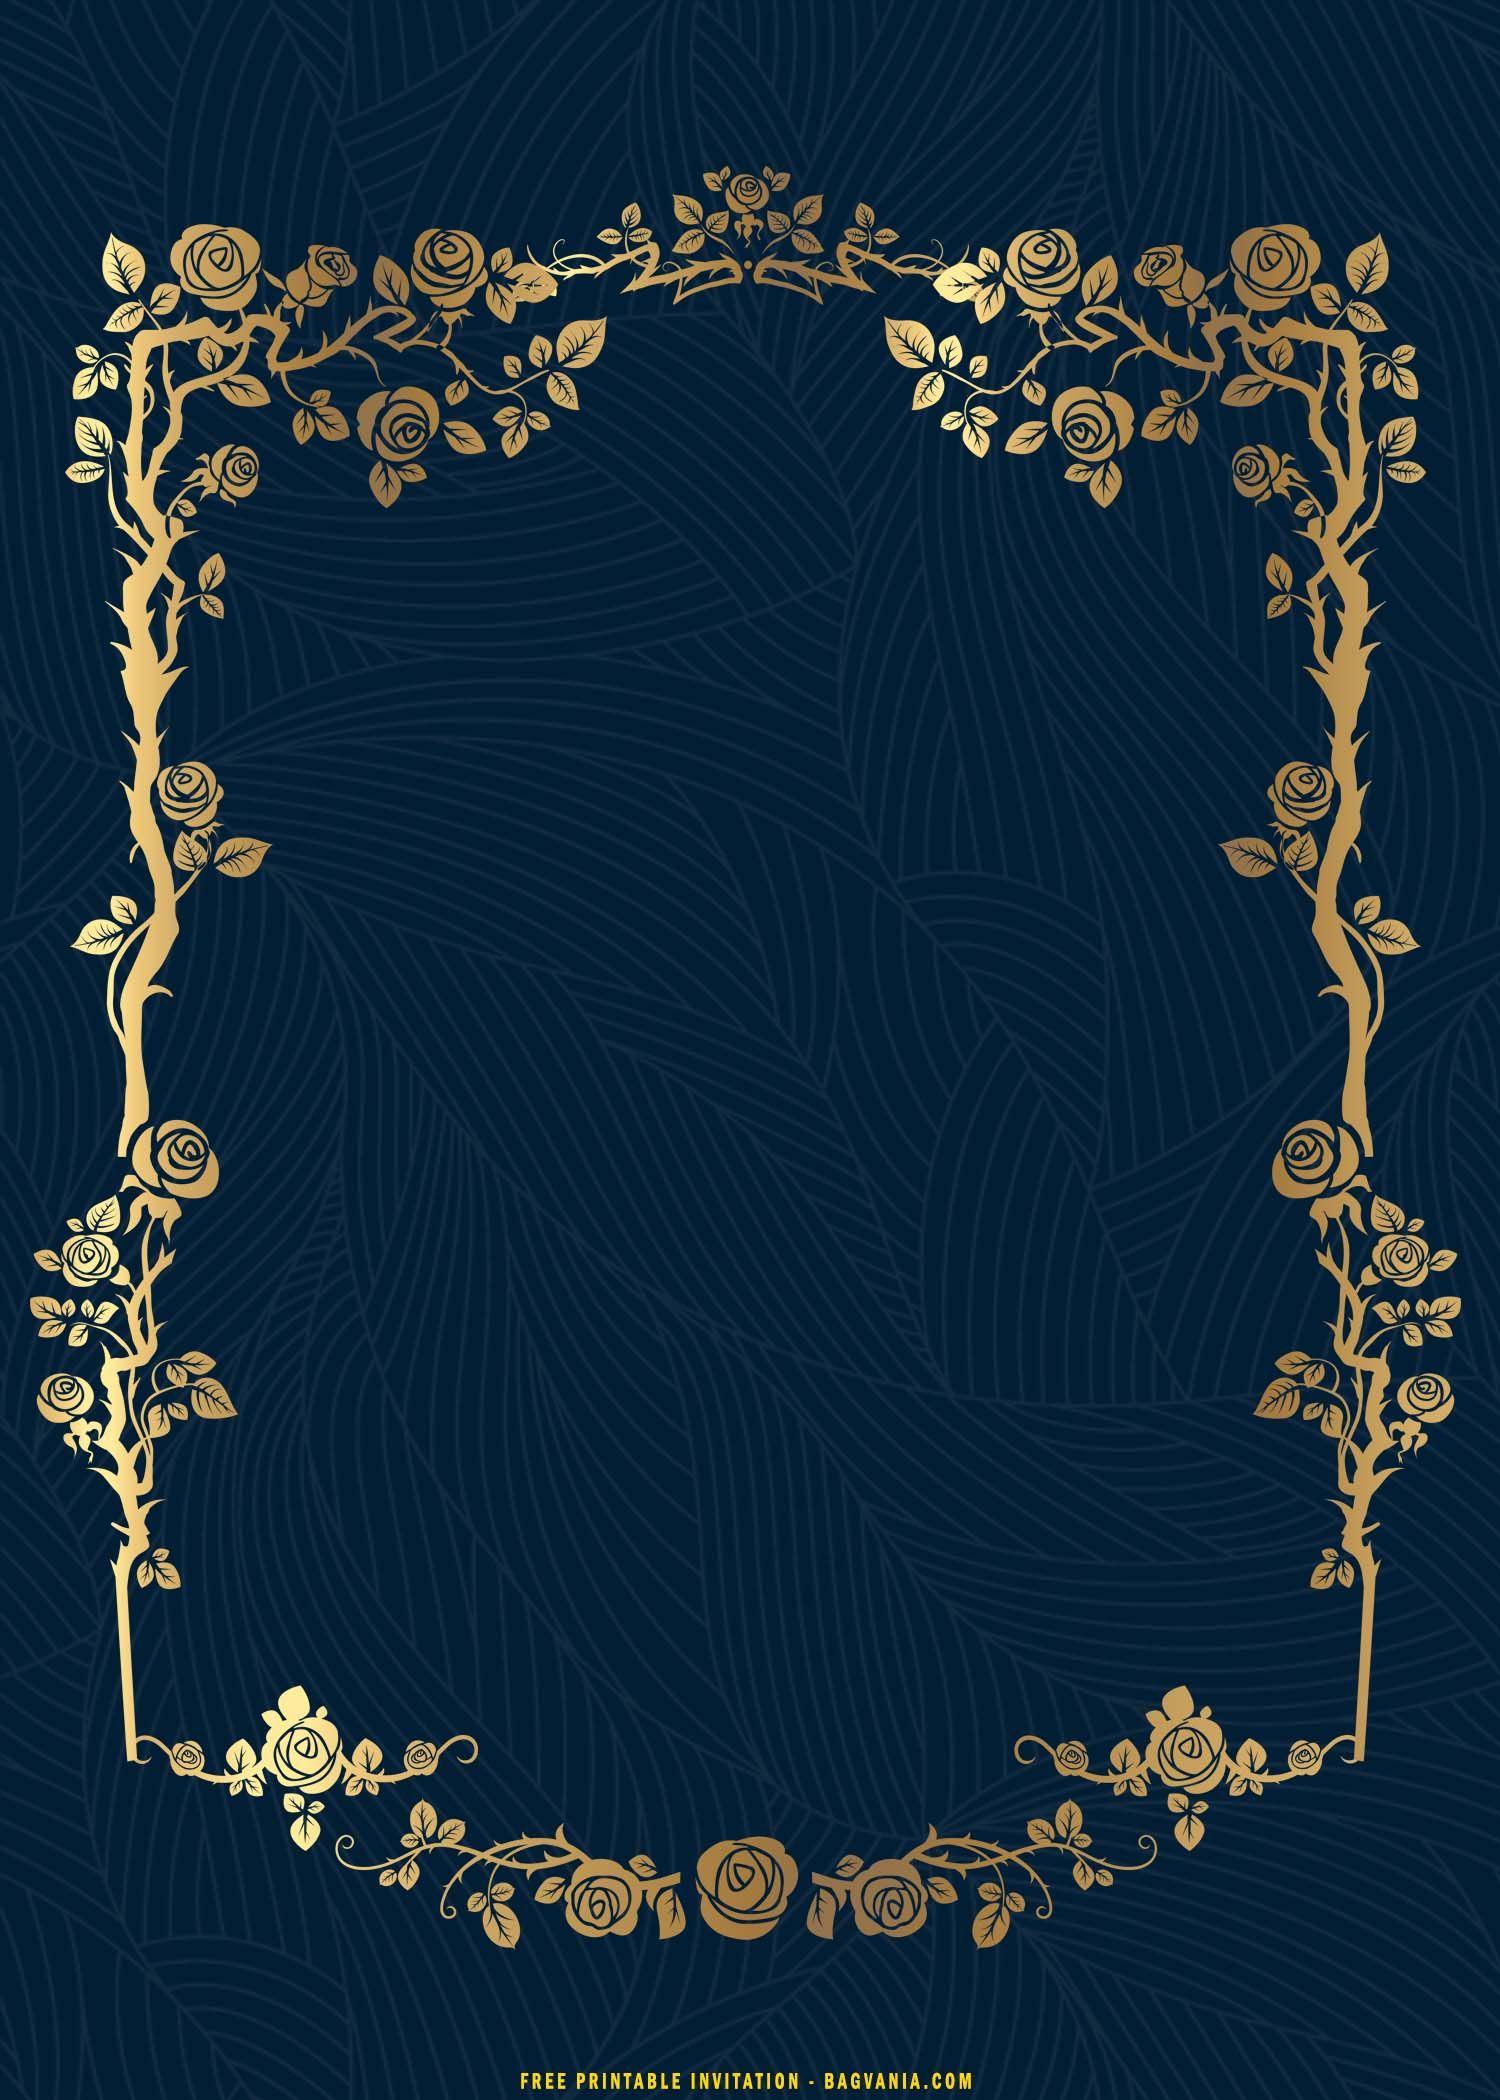 Free Printable Luxury Vintage Gold Mandala Invitation Templates Free Printable Birthday Invitations Invitations Invitation Background